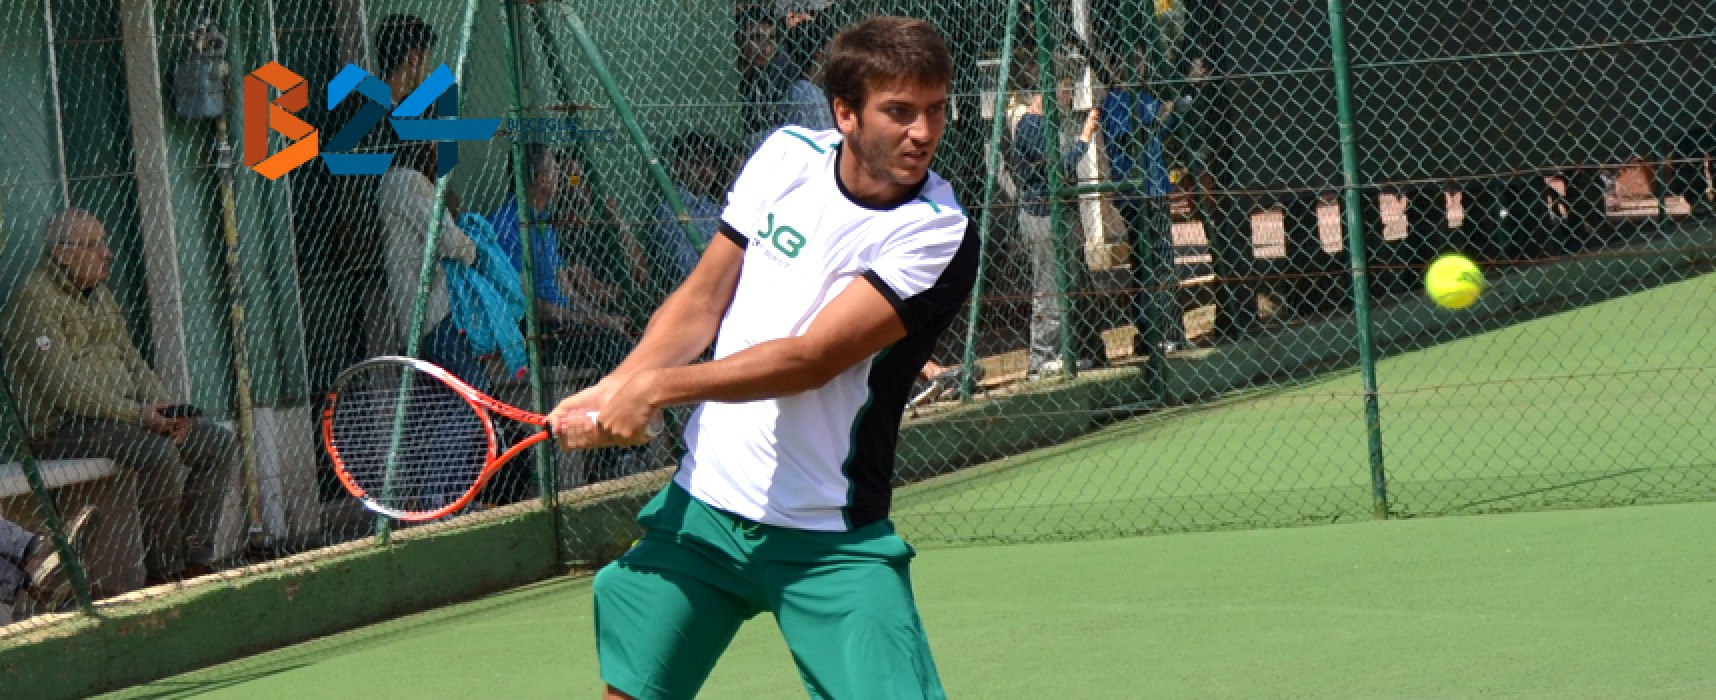 Sporting Club, voglia di riscatto: domani sfida al Circolo Tennis San Giorgio del Sannio